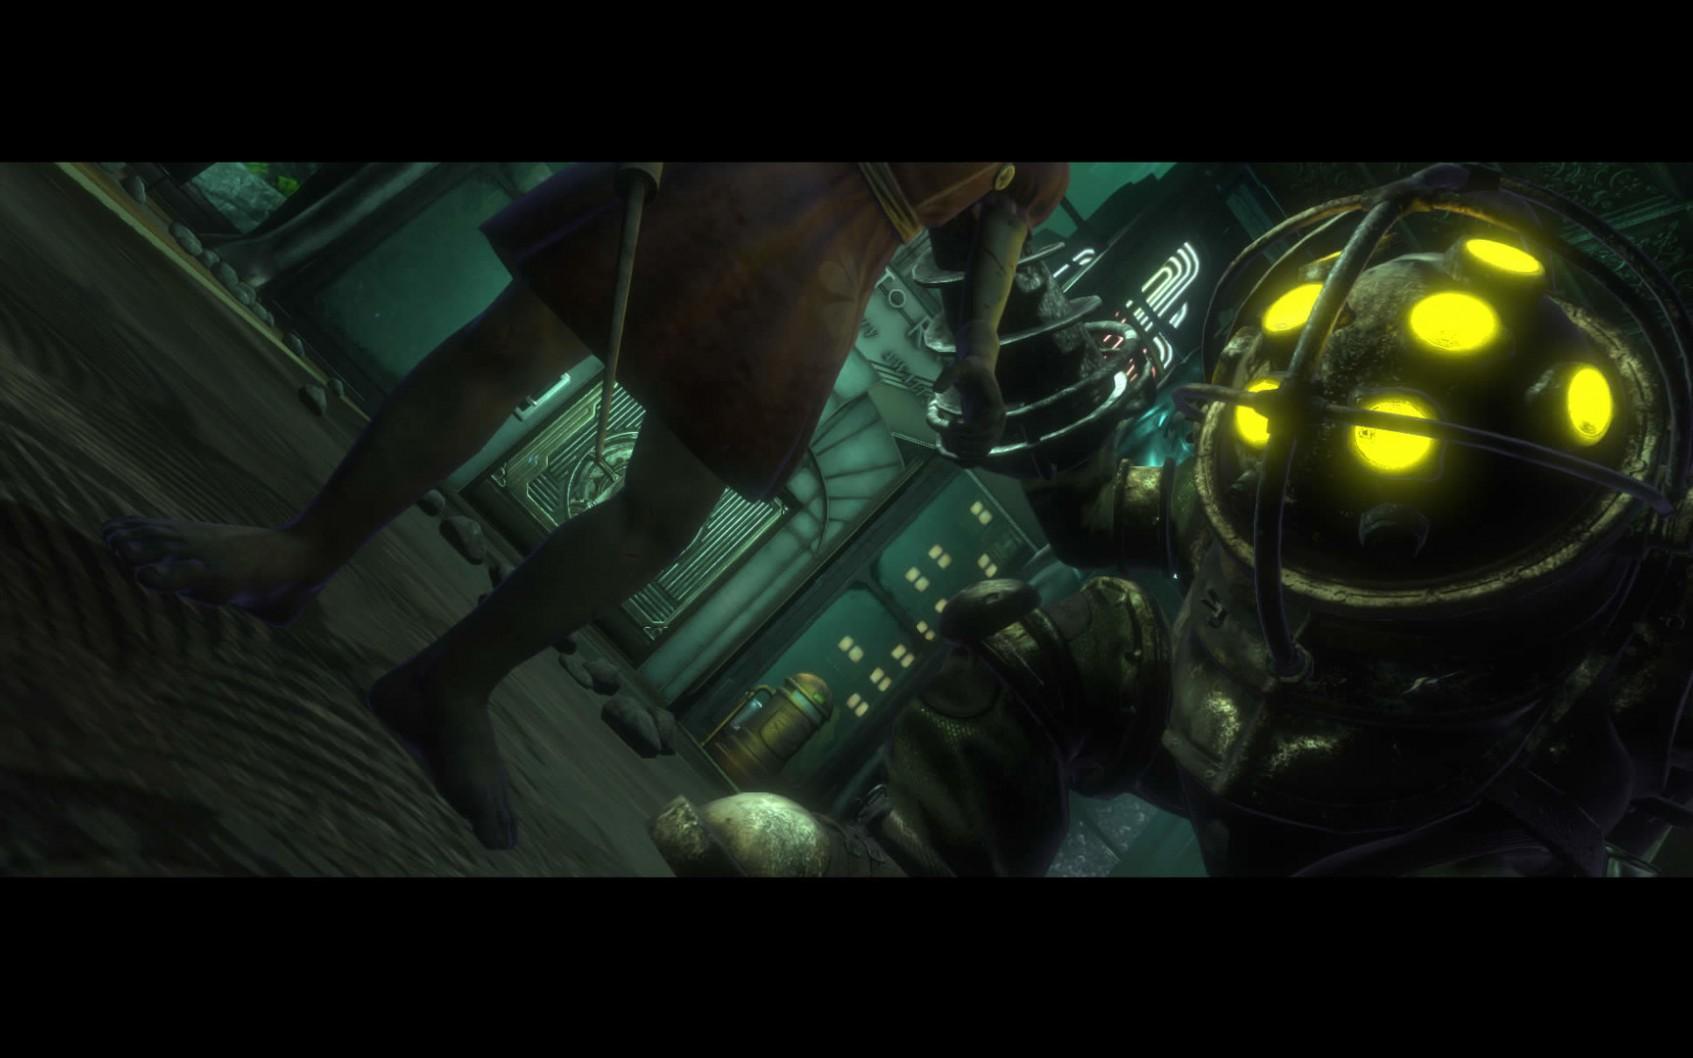 bioshock-remastered-setup-free-download